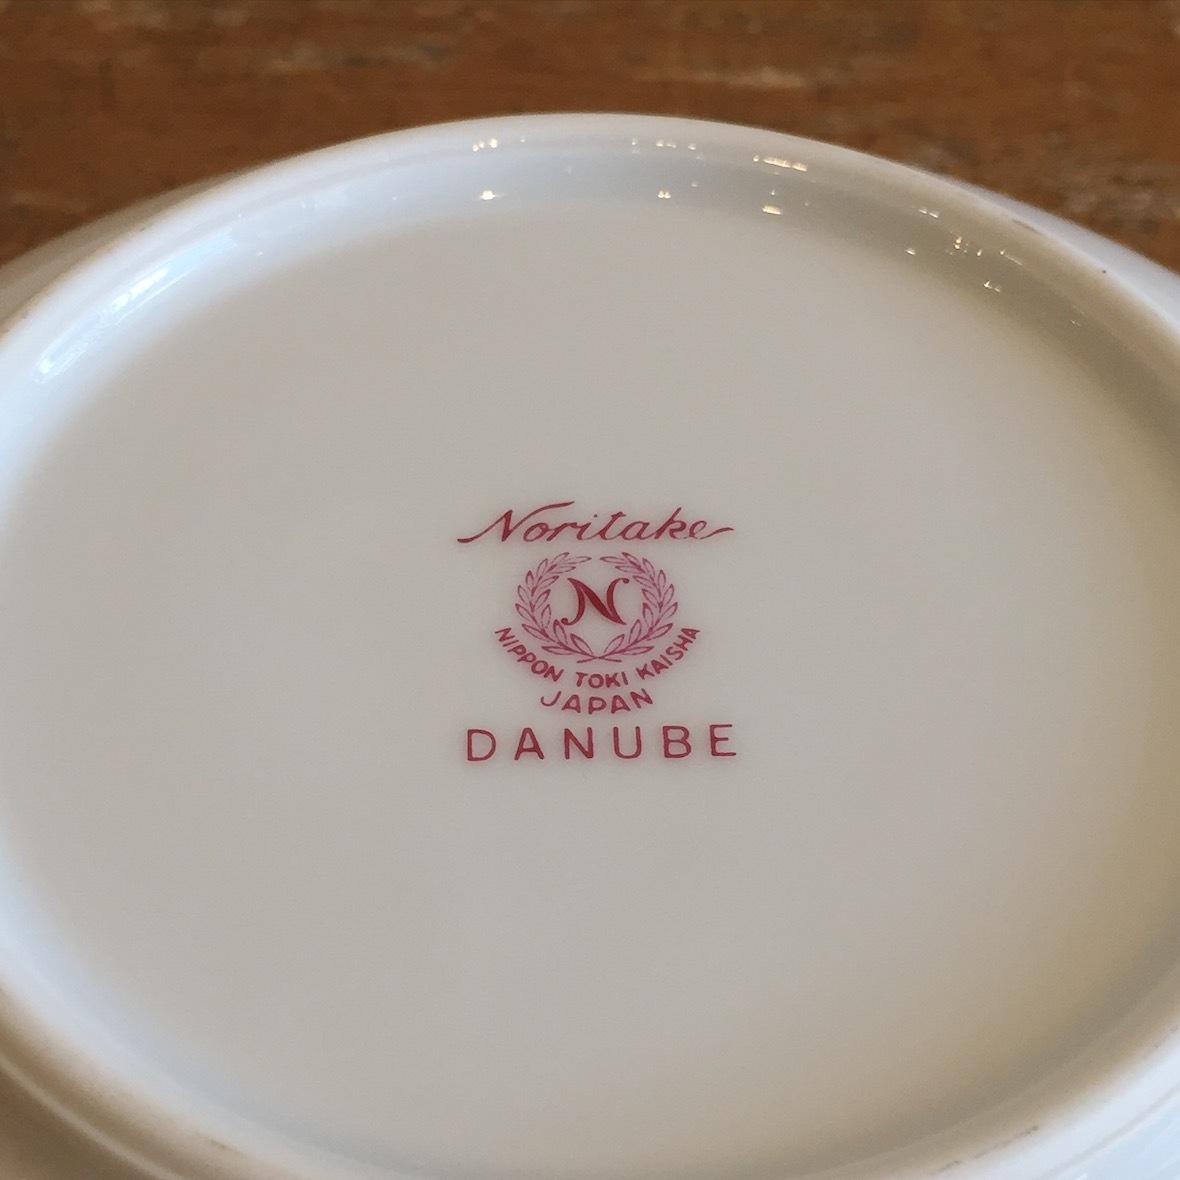 Noritake DANUBE 20cmボウル